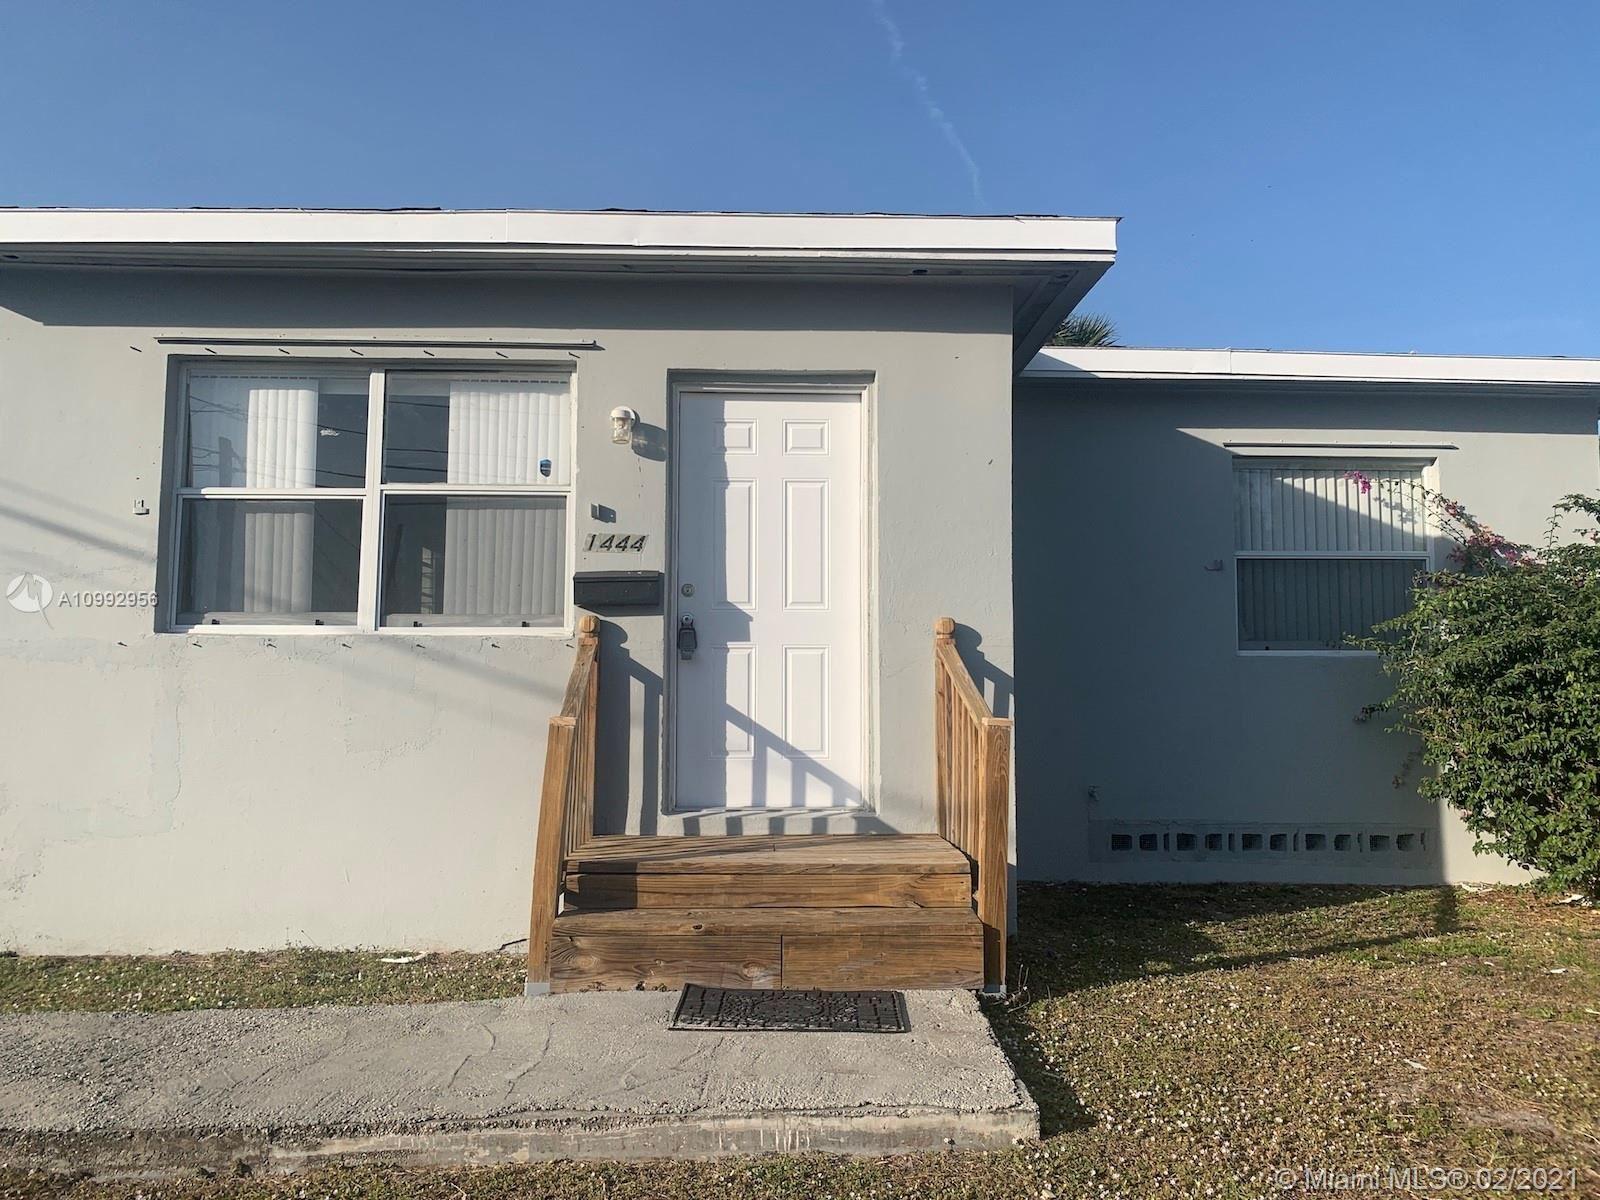 Photo of 1444 W 28th St, Riviera Beach, FL 33404 (MLS # A10992956)